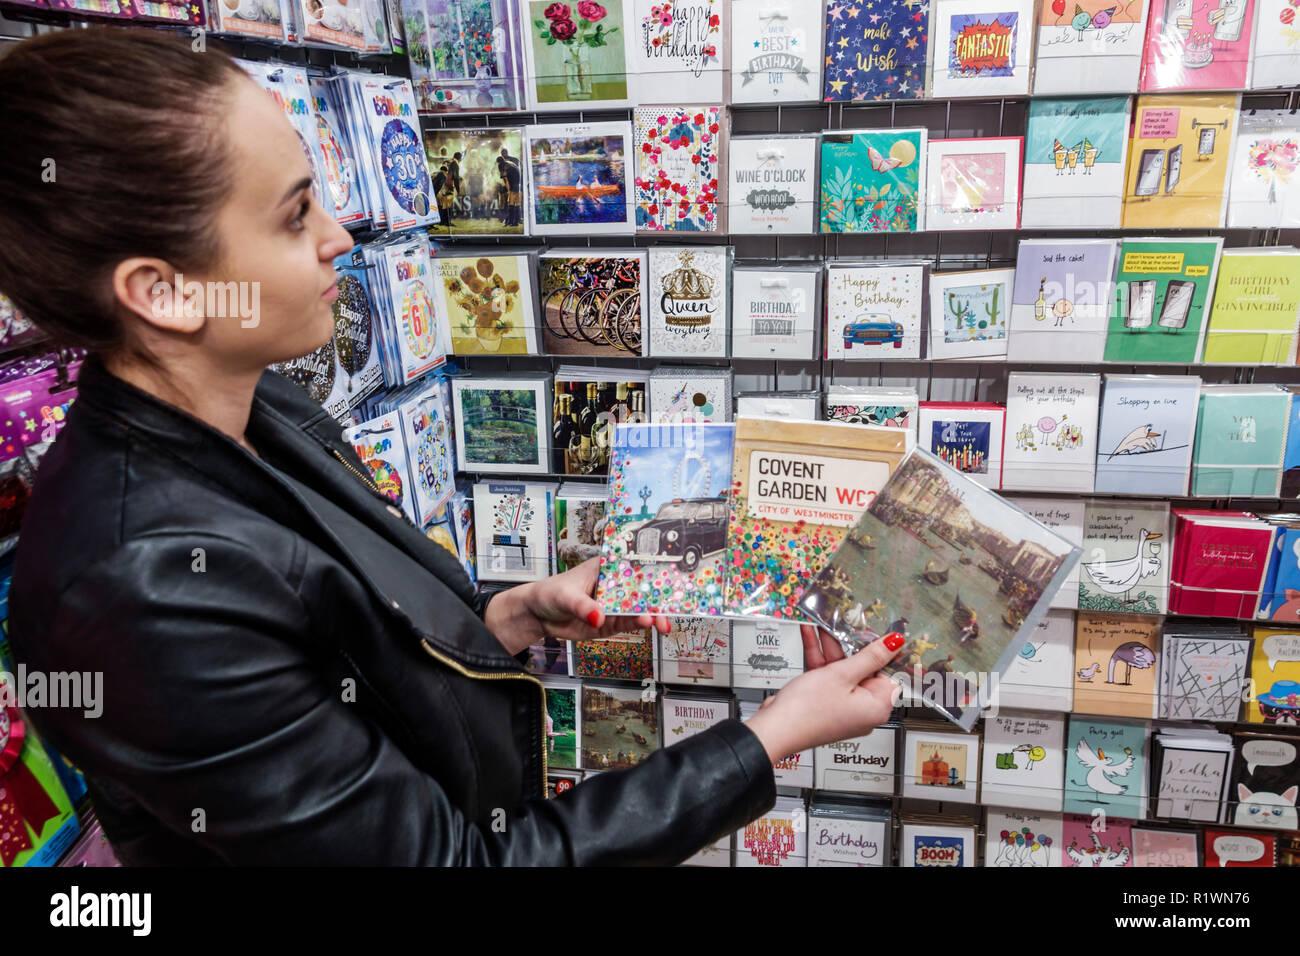 Londres Angleterre Royaume-Uni Grande-bretagne Kensington cadeaux papeterie cartes de vœux shopping femme choisissant sélectionnant display vente Photo Stock